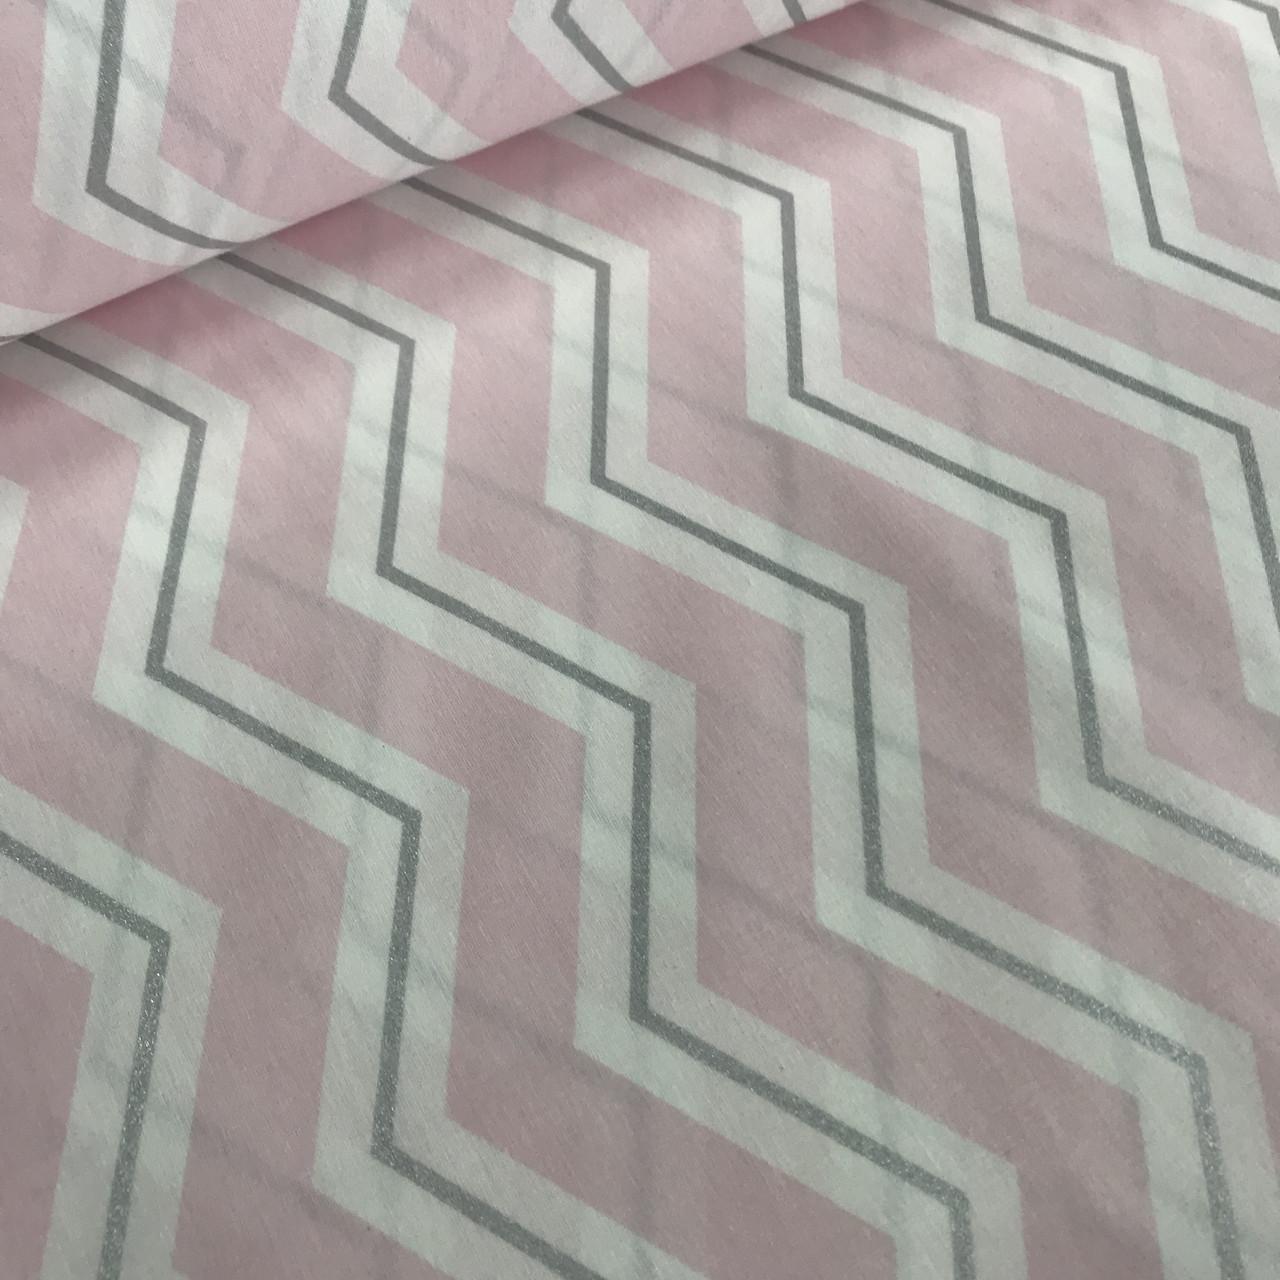 Ткань поплин зигзаг розовый широкий с серебряным глиттером (ТУРЦИЯ шир. 2,4 м) № 33-29